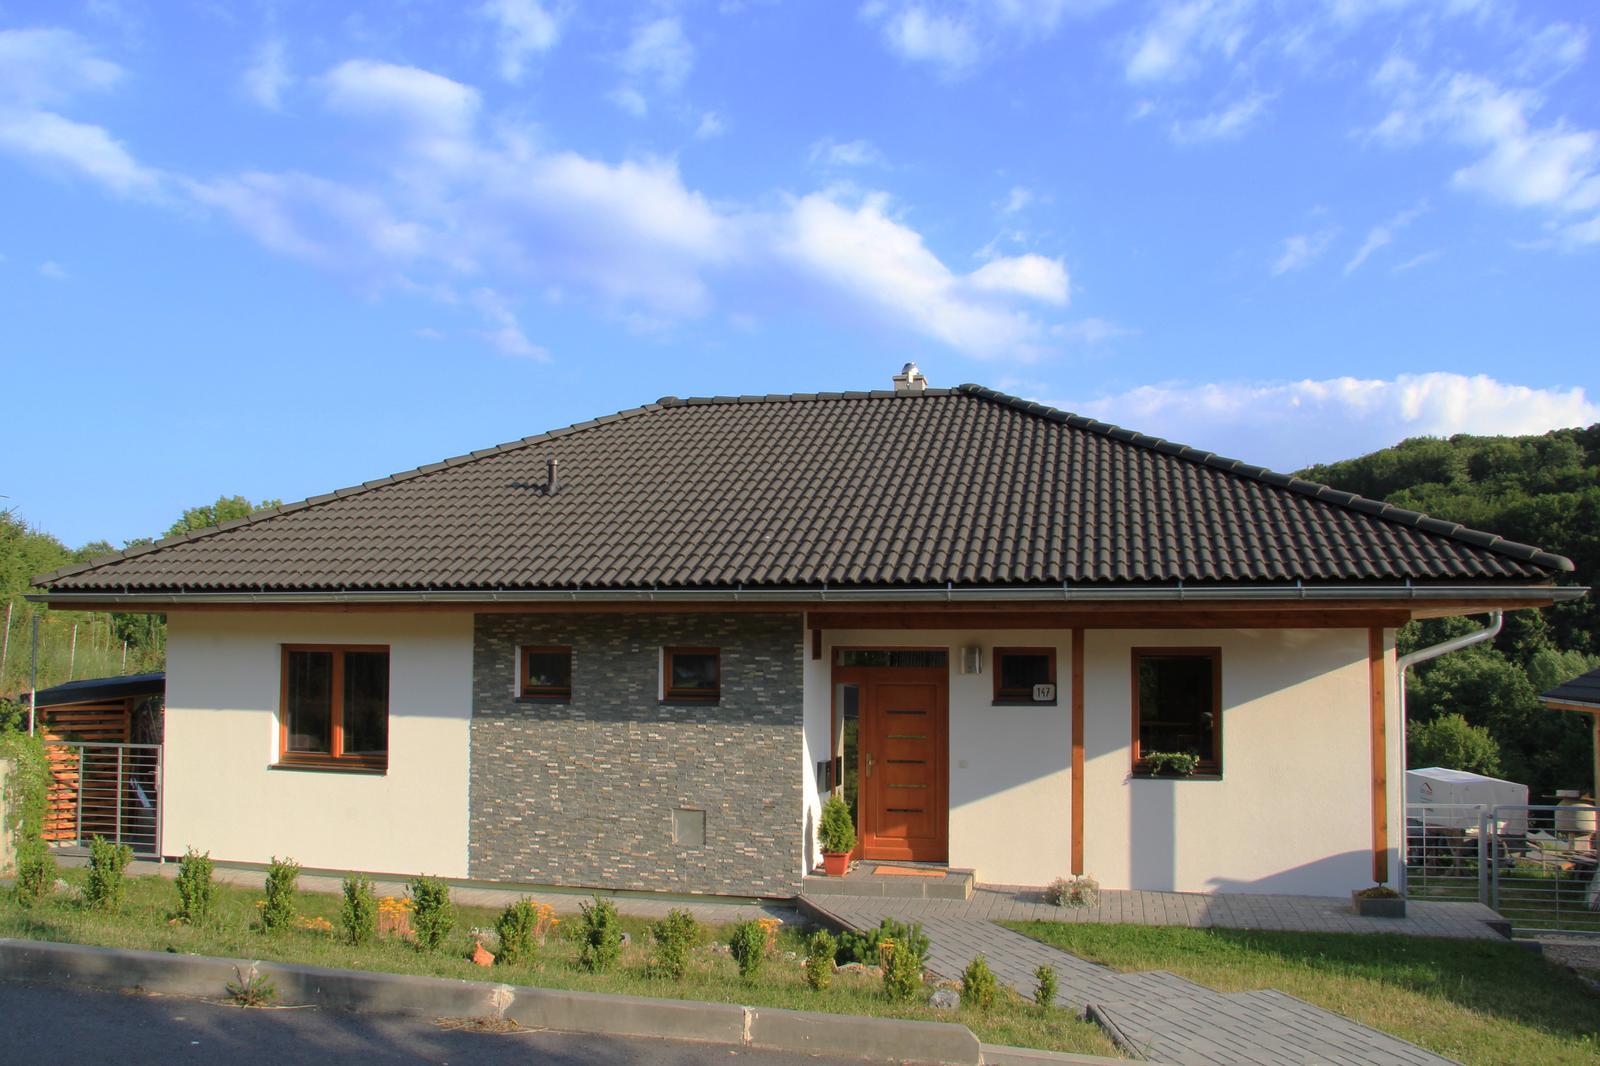 dobrydom - Vzorový dom